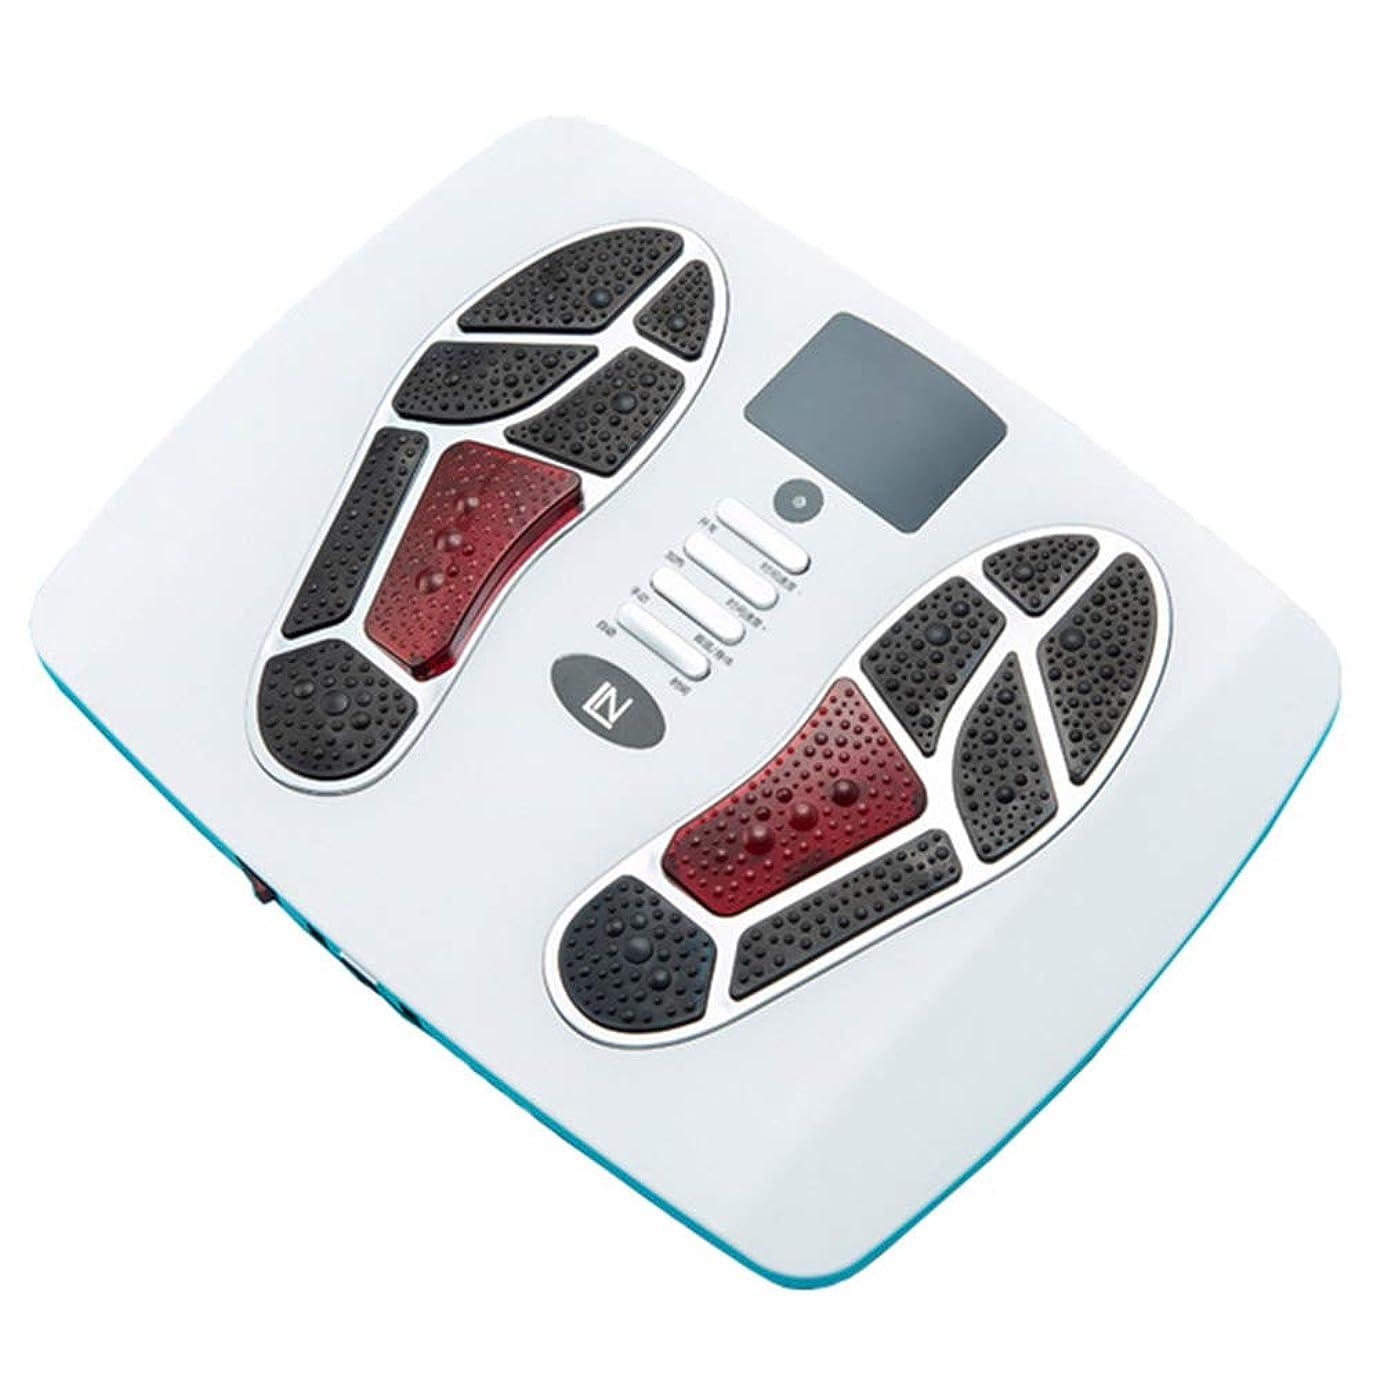 罪人ベースのどリモコン 足マッサージ、電気指圧足マッサージ、ローリングおよび空気圧縮、足のマッサージおよび家庭でのストレス緩和 インテリジェント, white